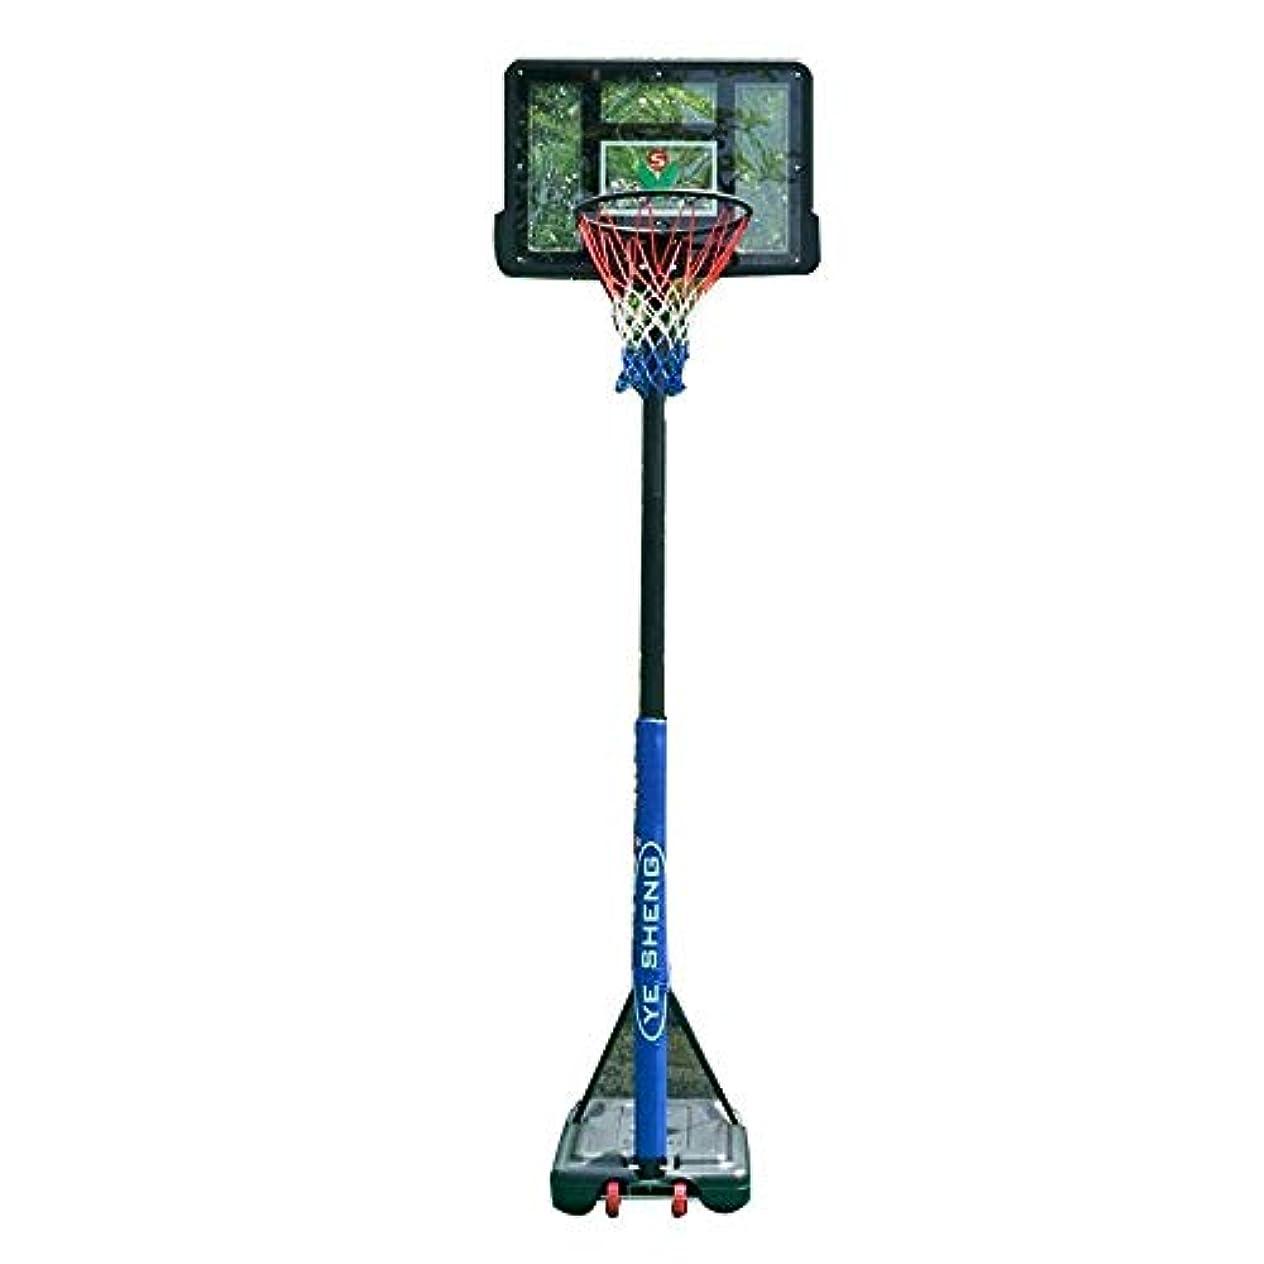 パーチナシティ空虚ペインティングポータブルバスケットボールフープ調節可能な高さ210-270cm、スポーツティーン大人バスケットボールスタンドホイール付き屋外屋内バスケットボールリムゴール